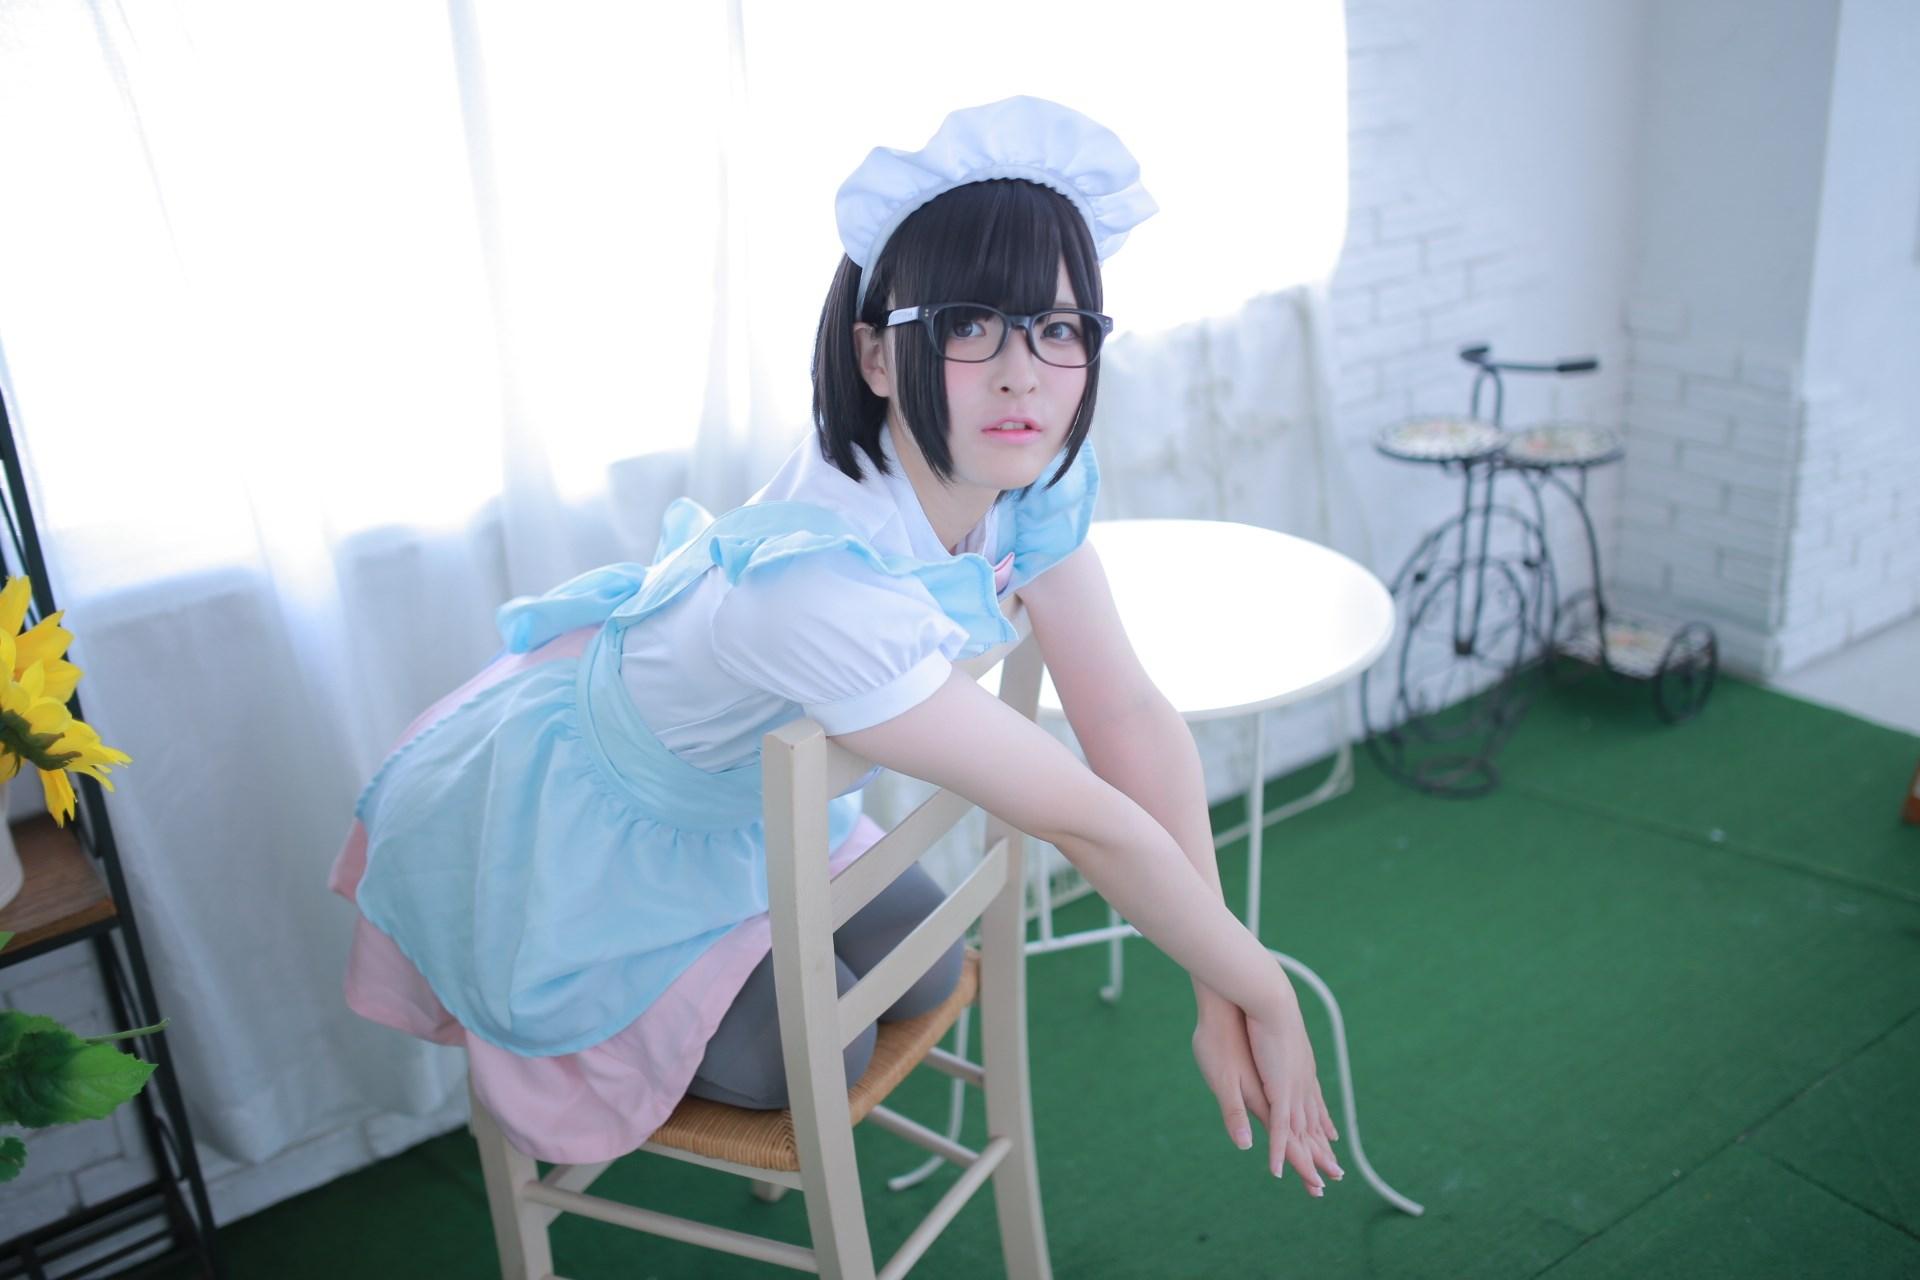 【兔玩映画】眼镜女仆 兔玩映画 第28张